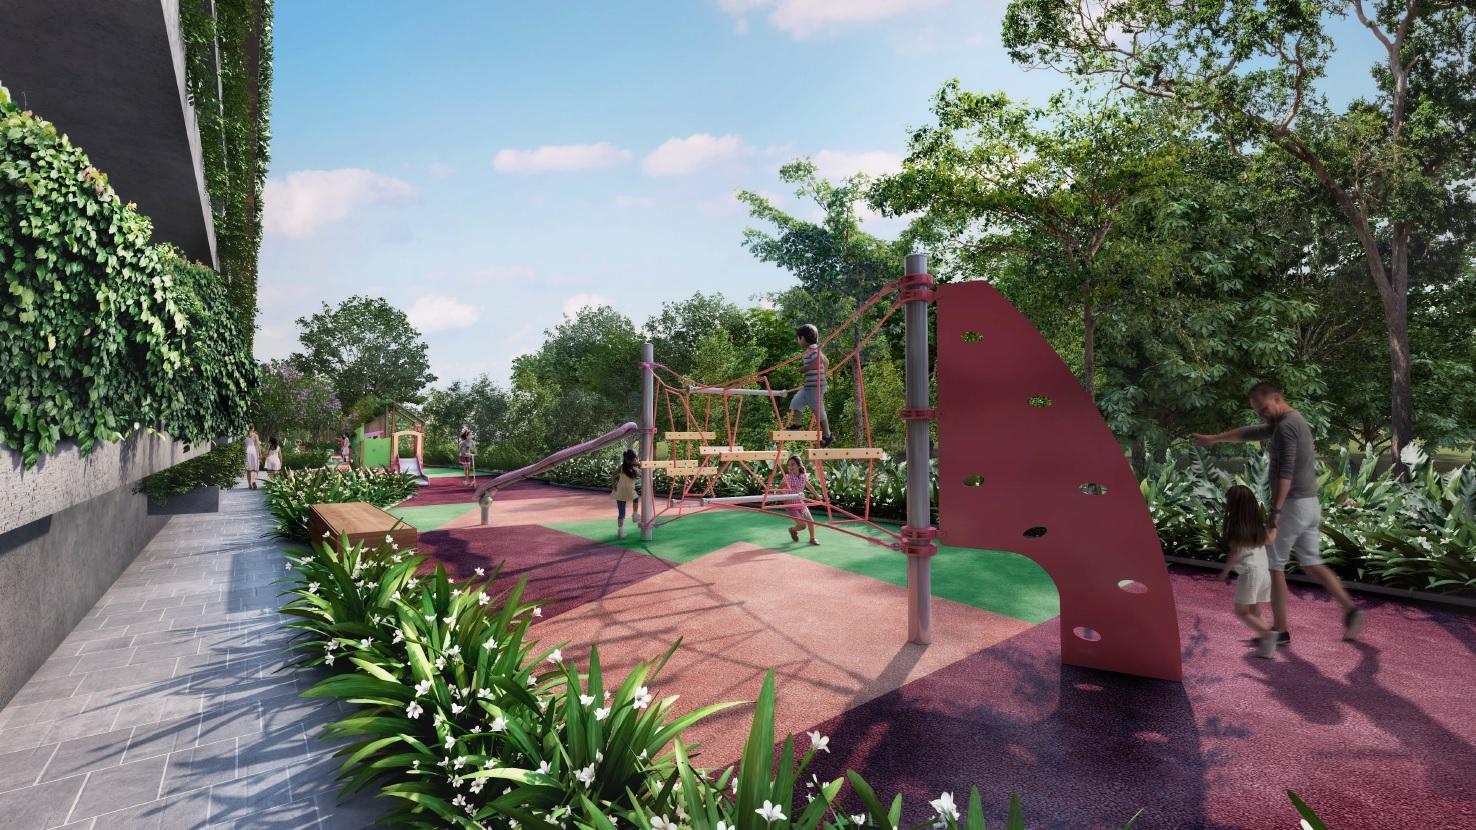 Grandeur Park Children Playground